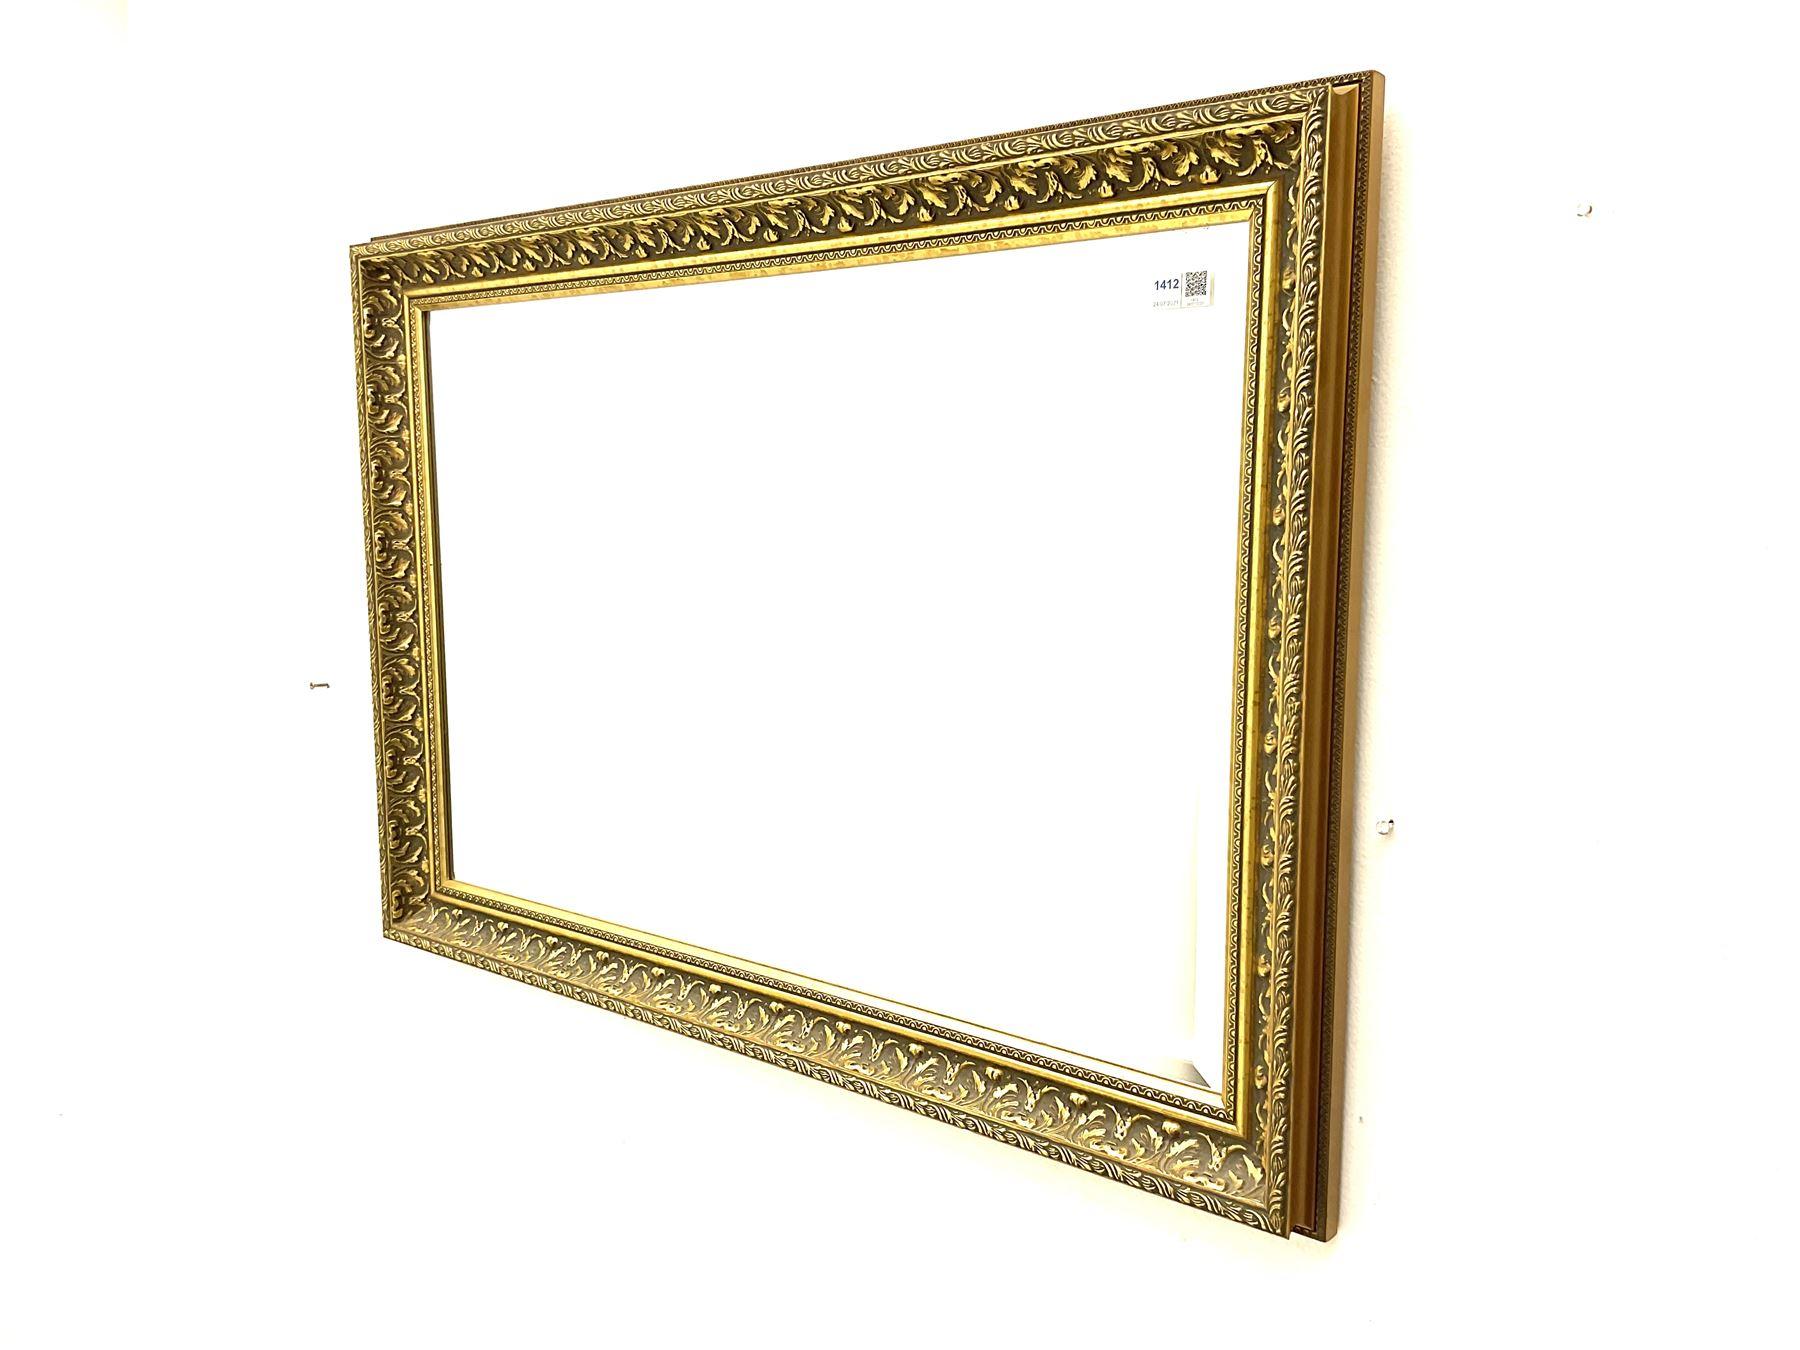 Rectangular ribbed gilt framed bevelled edge wall mirror and a rectangular wall mirror in swag frame